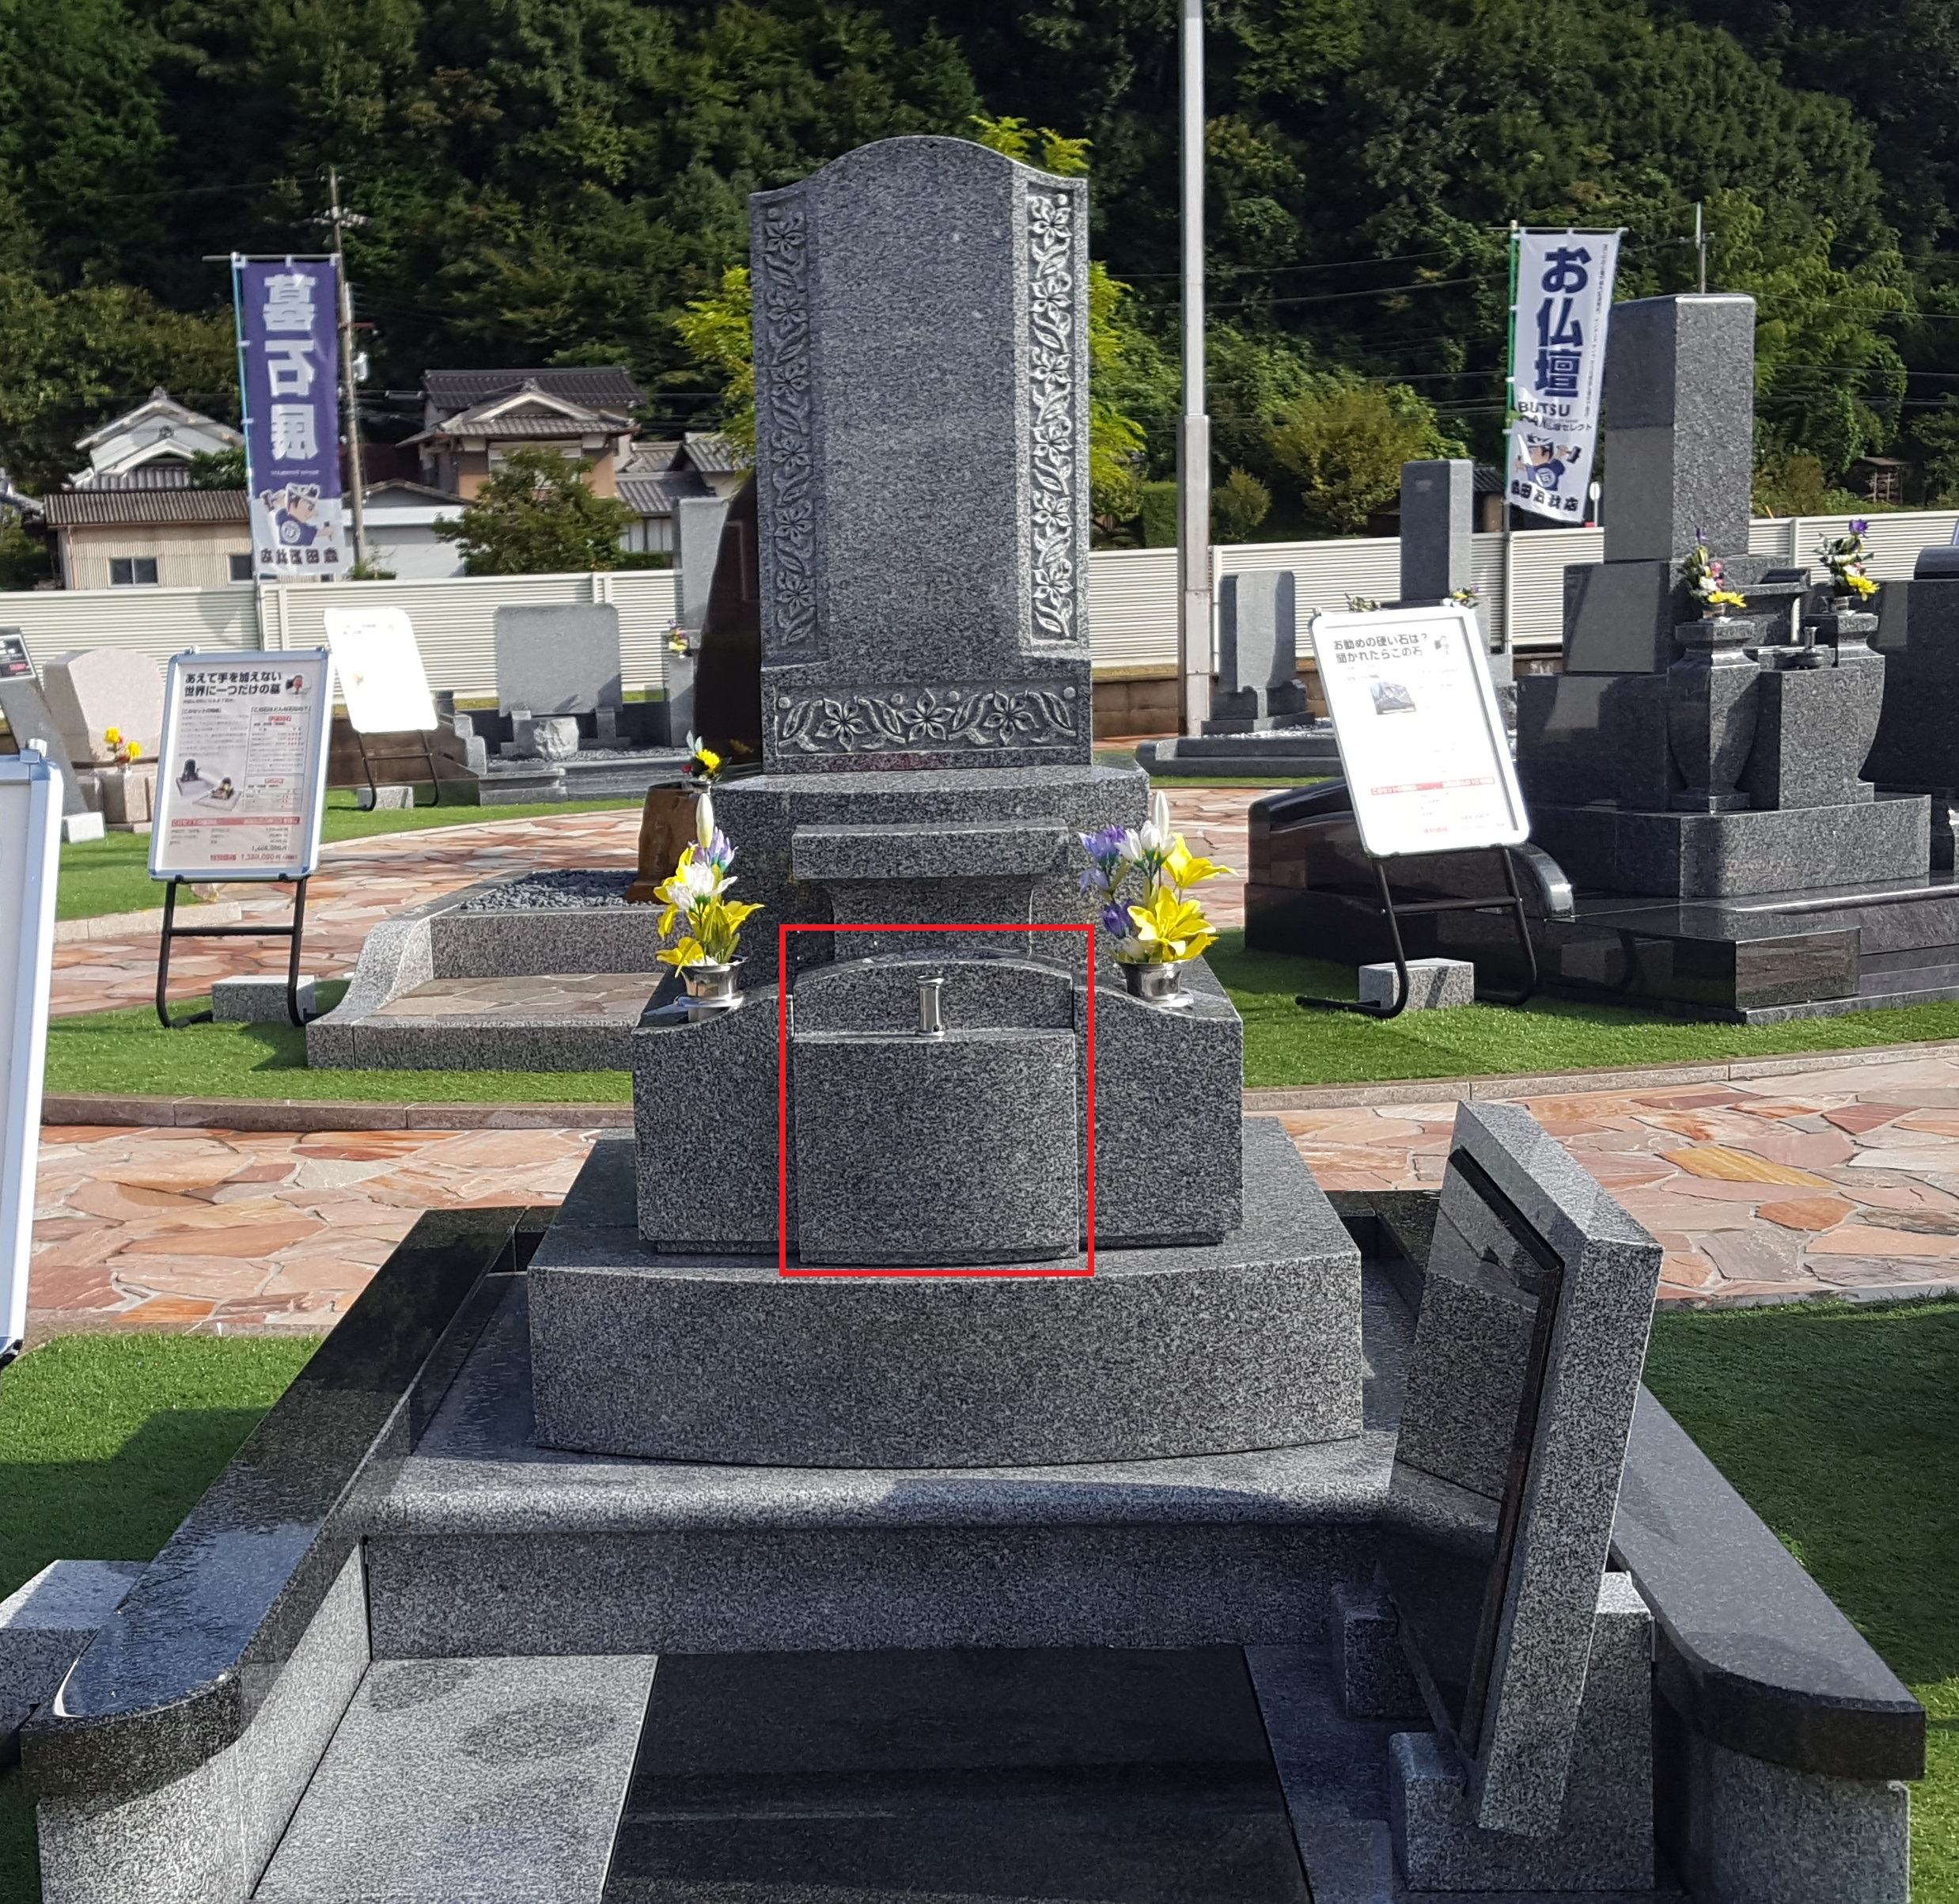 https://www.morita-stone.co.jp/weblog/img/Orion.jpg